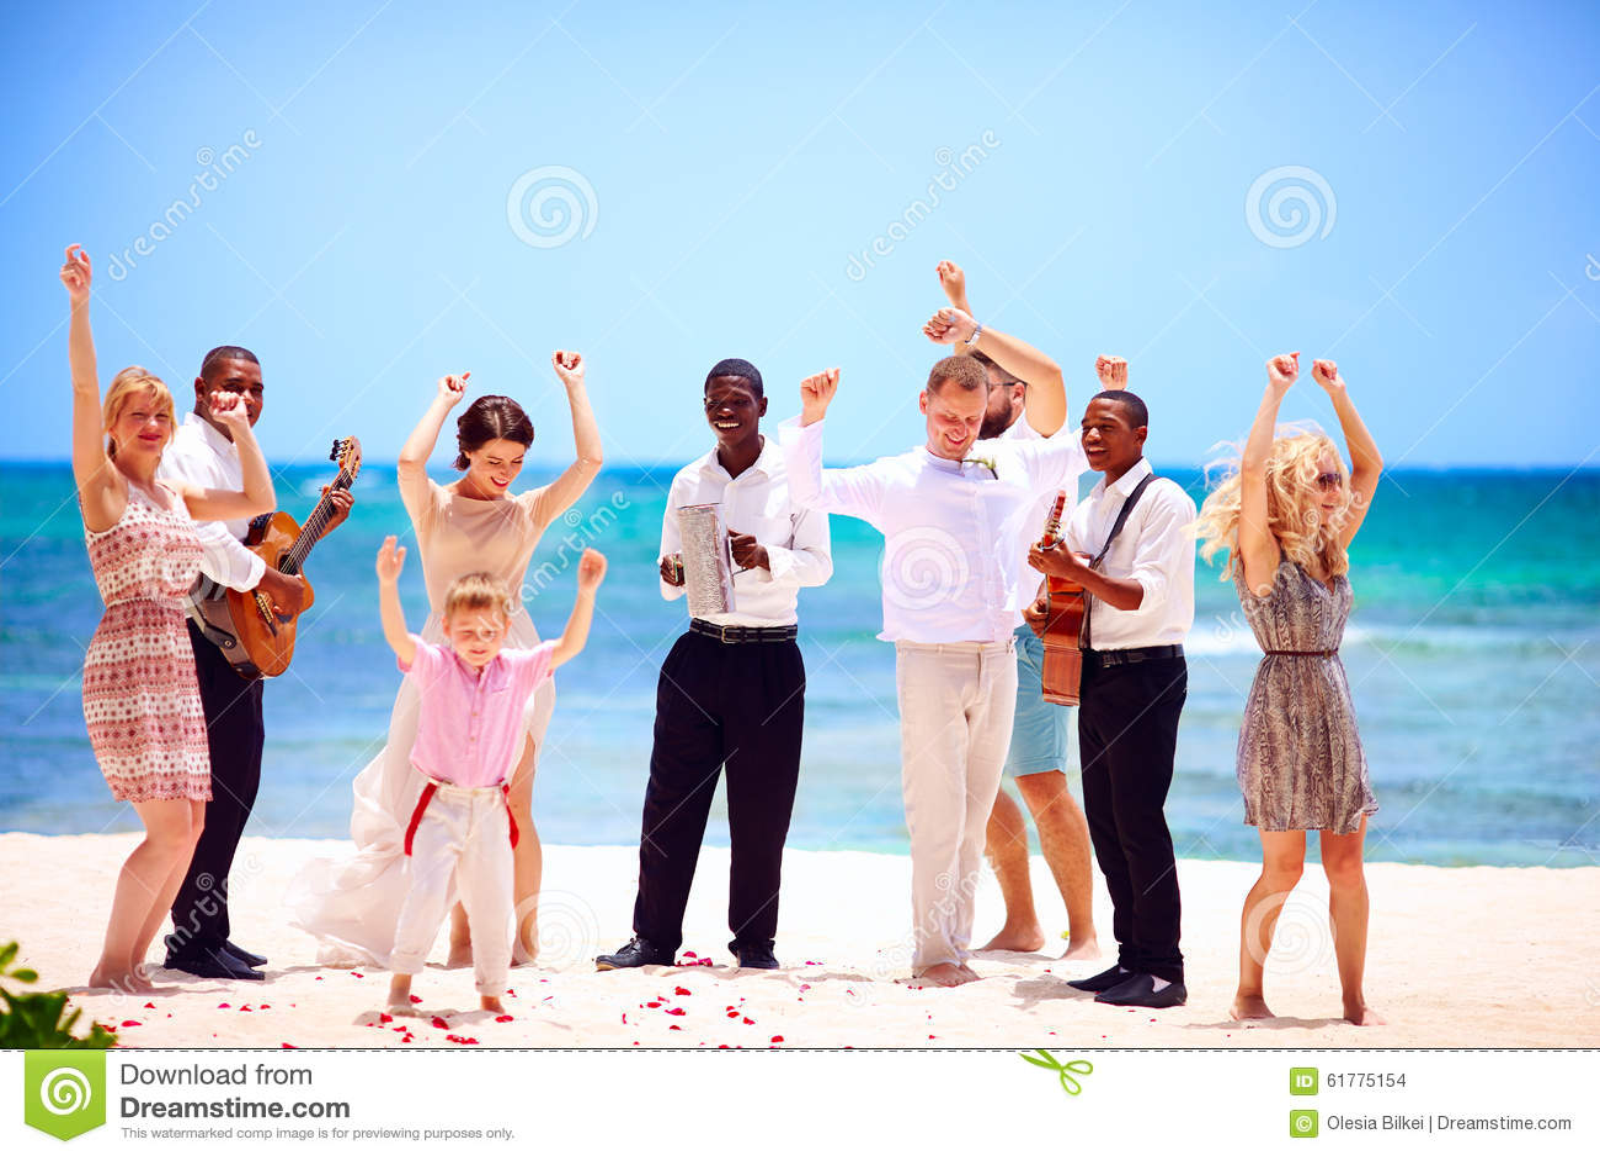 Ομάδα ευτυχούς οικογένειας στον εορτασμό ο εξωτικός γάμος με τους μουσικούς, στην τροπική παραλία